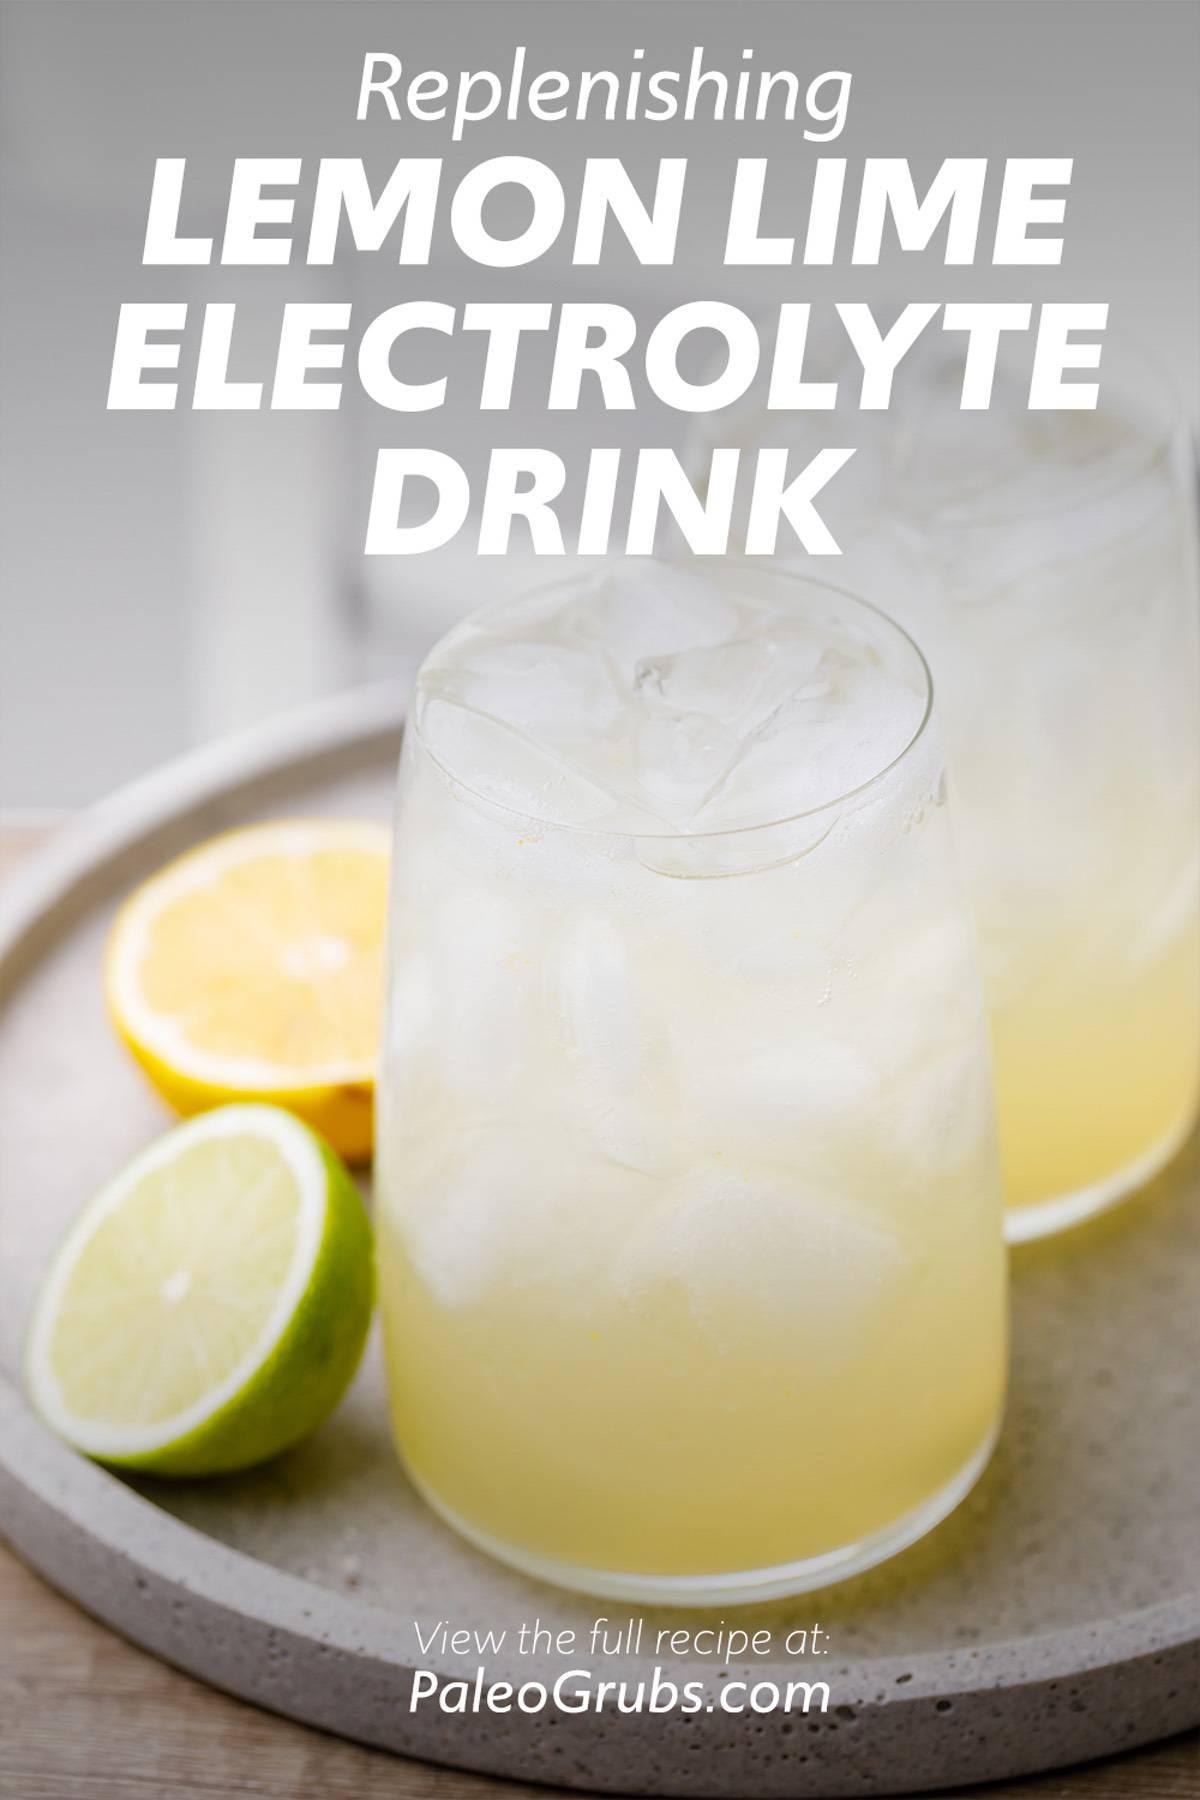 Homemade Lemon-Lime Soda Electrolyte Drink